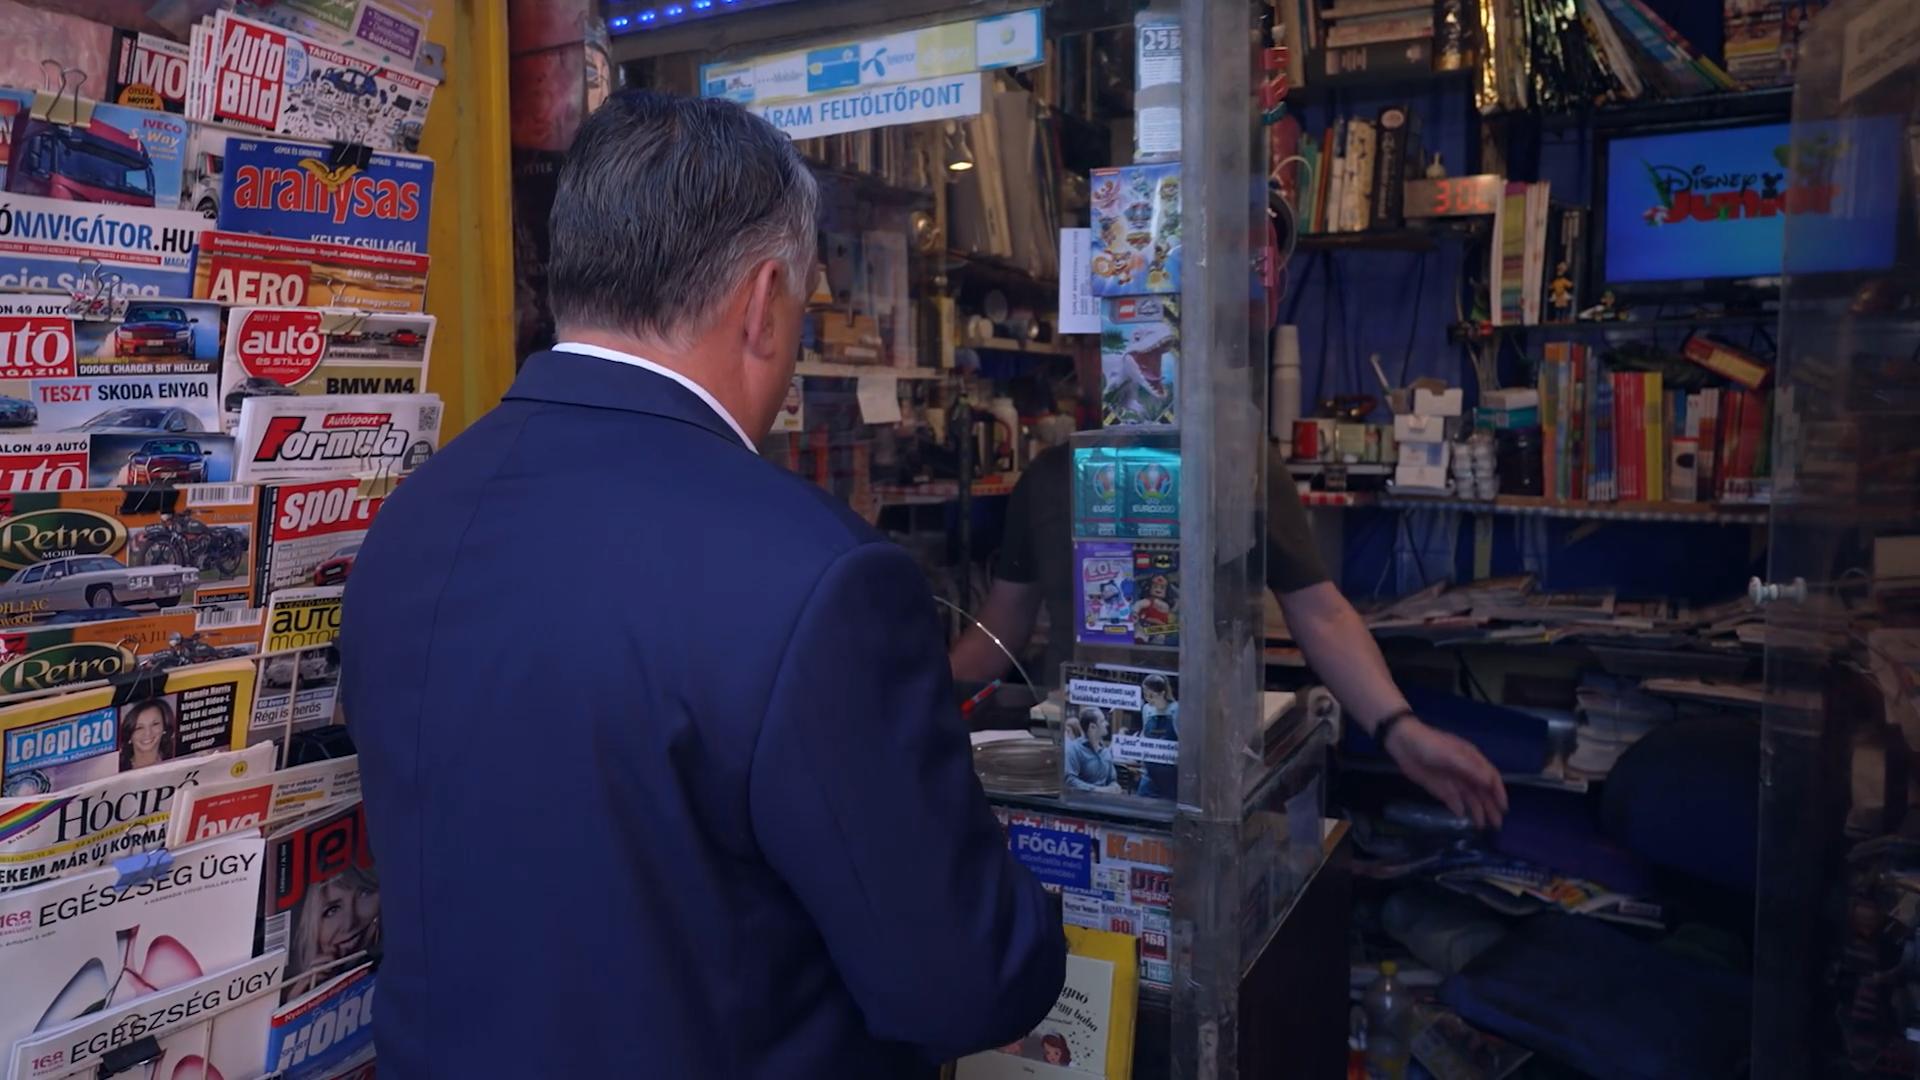 Orbán ging zu einem Kiosk, um einige, ihn